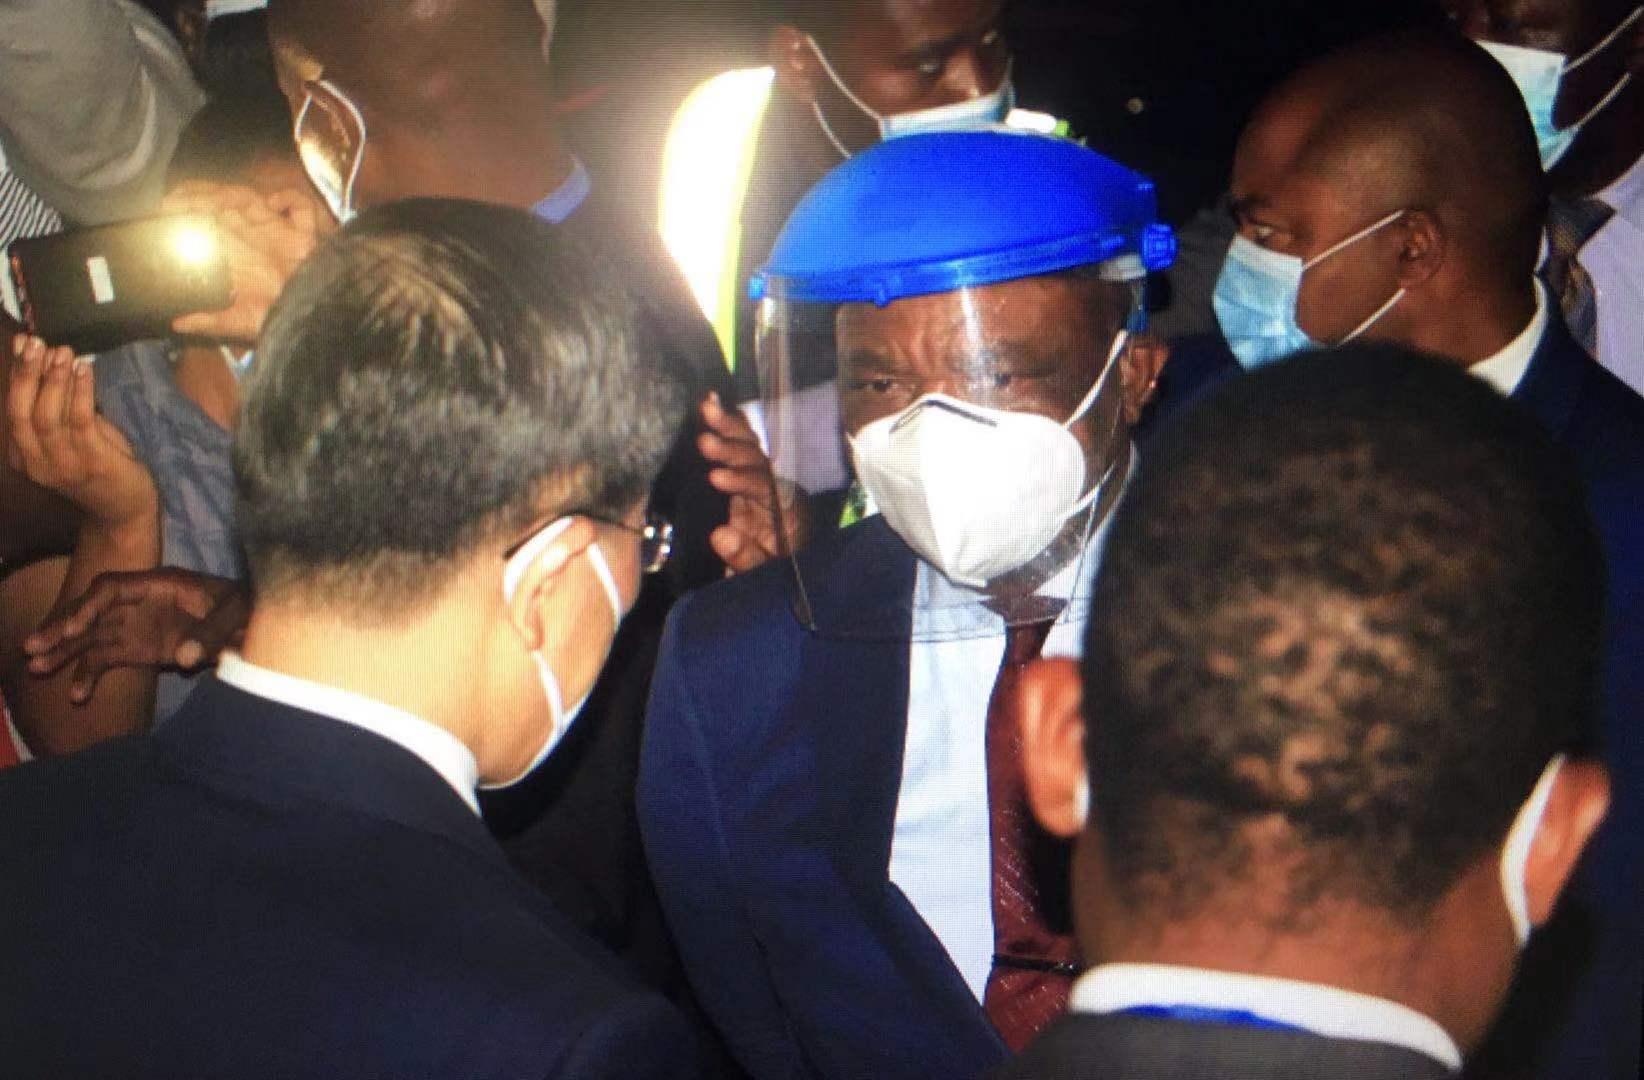 津巴布韦副总统兼卫生部长奇温加和中国驻津巴布韦大使郭少春交谈(央视)